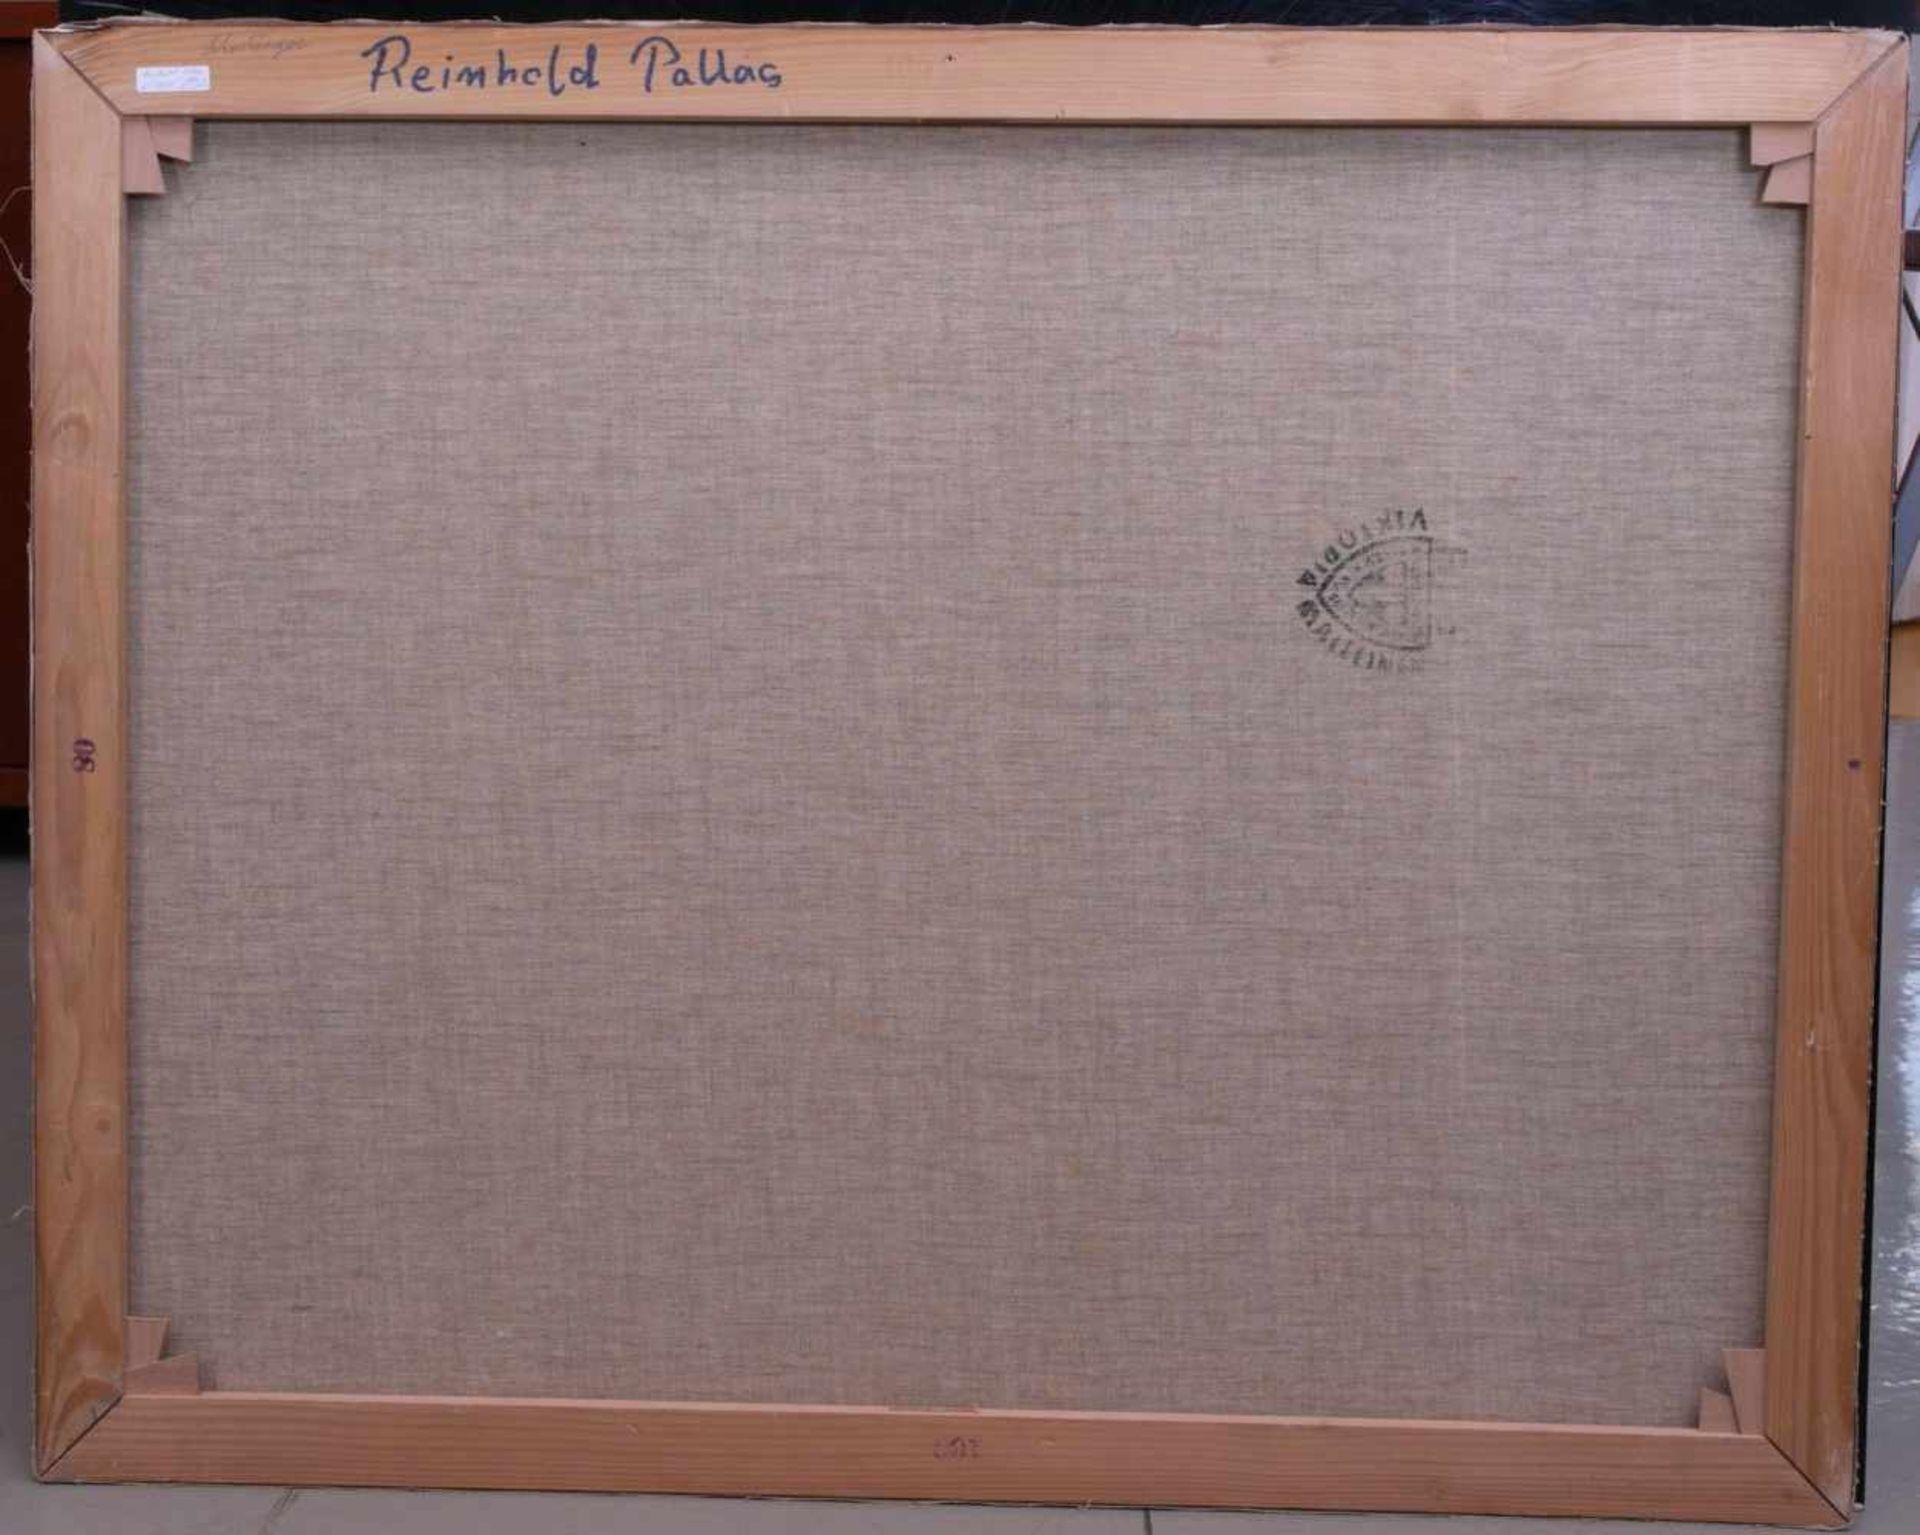 Pallas, Reinhold (1901-1970) - Meeresbucht im SonnenscheinIn schnellem, impressionistischen Stil - Bild 3 aus 3